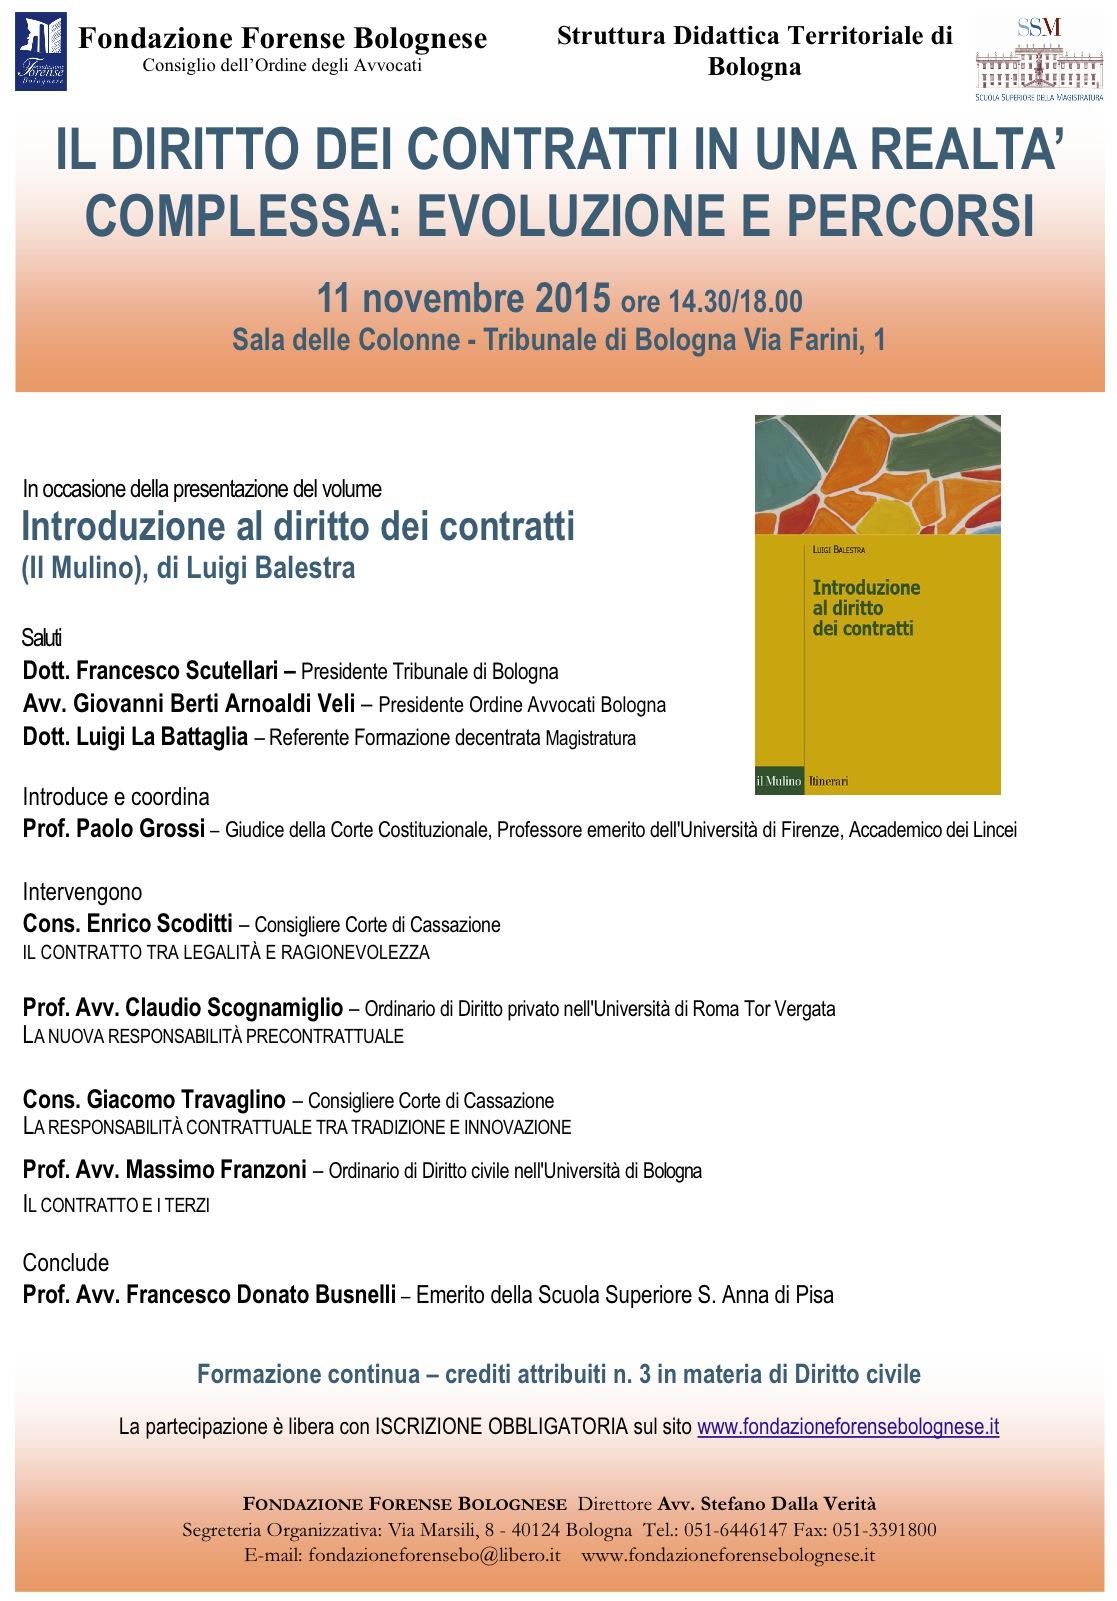 Bologna 11 novembre 2015